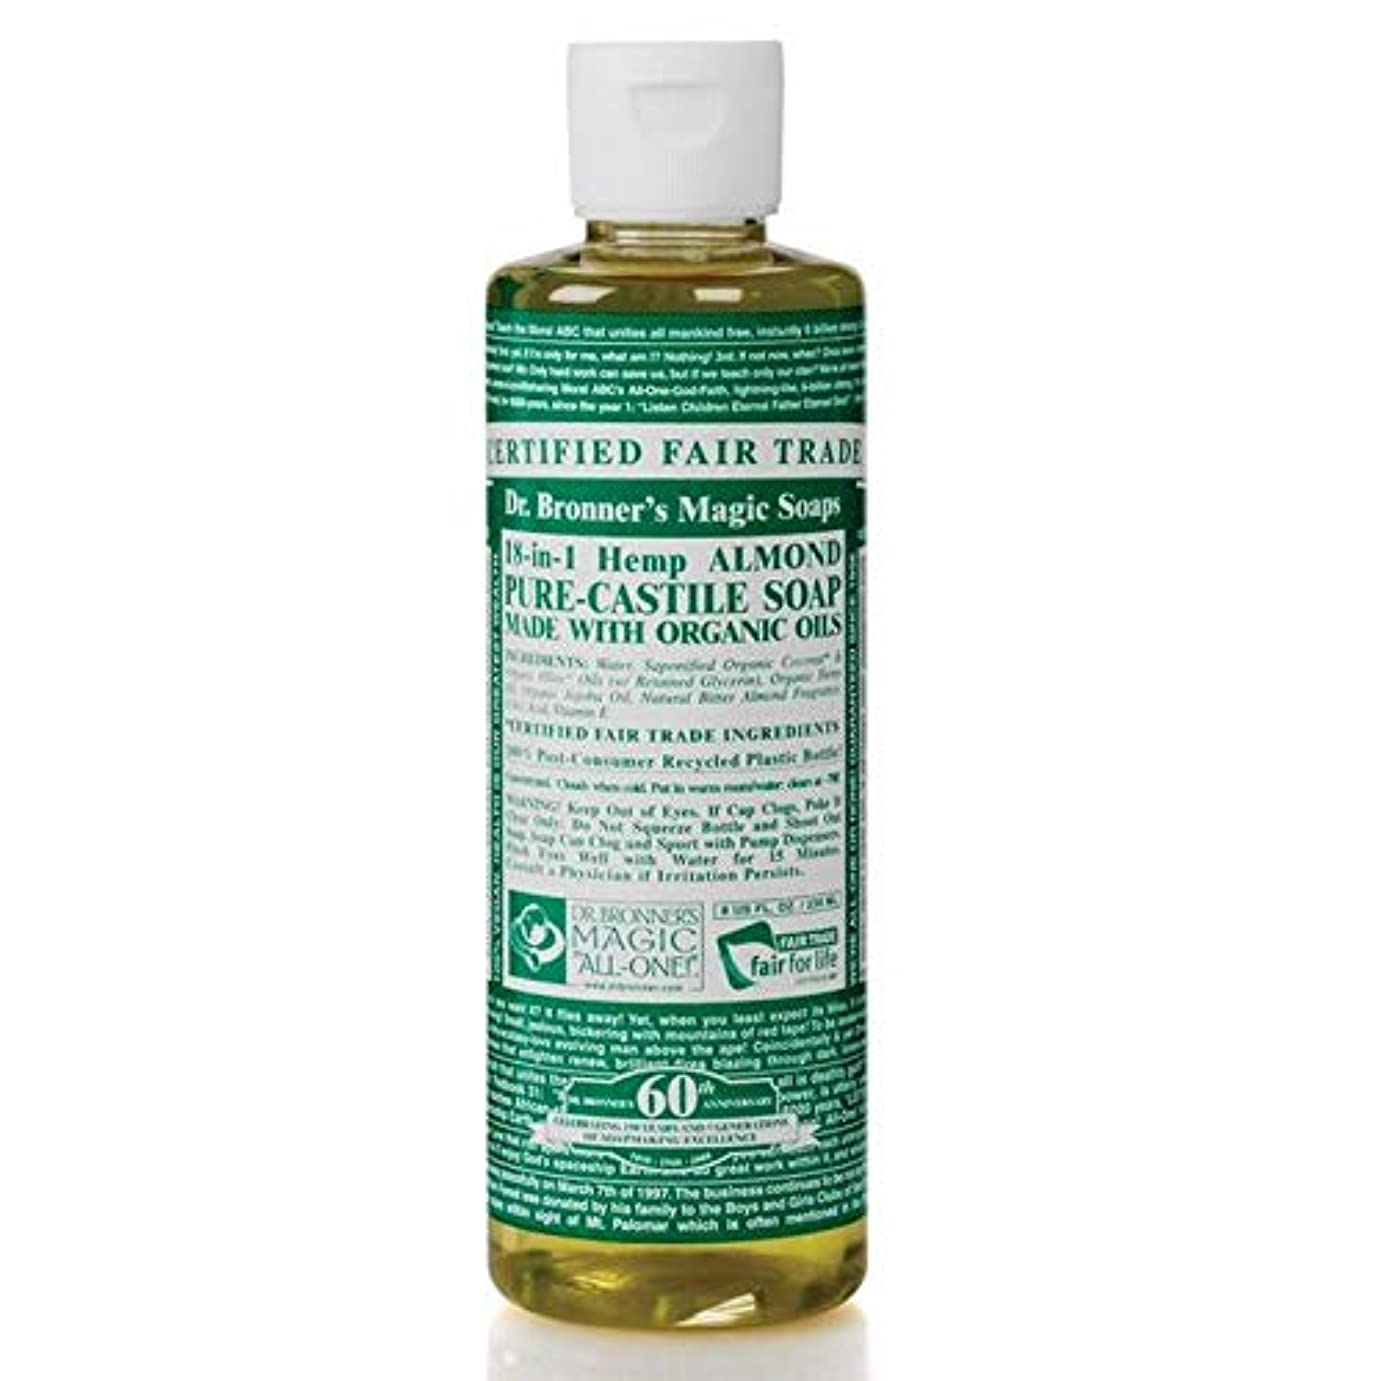 カール種をまくアーカイブ[Dr Bronner] Dr。ブロナーズ有機アーモンドカスティーリャ液体石鹸473ミリリットル - Dr. Bronner's Organic Almond Castile Liquid Soap 473ml [並行輸入品]